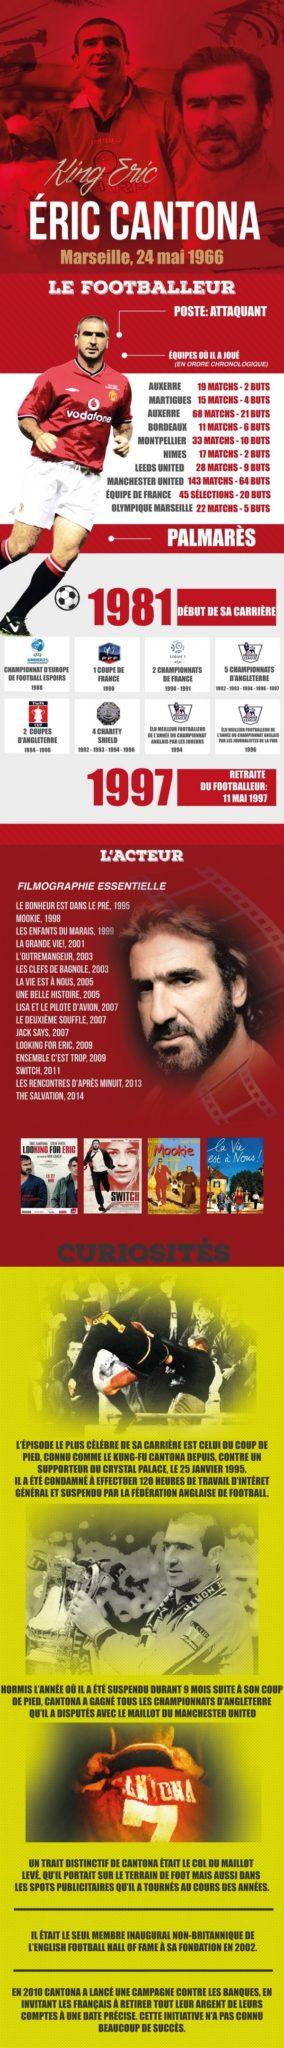 Cette infographie résume la carrière d'Eric Cantona pour ses 50 ans